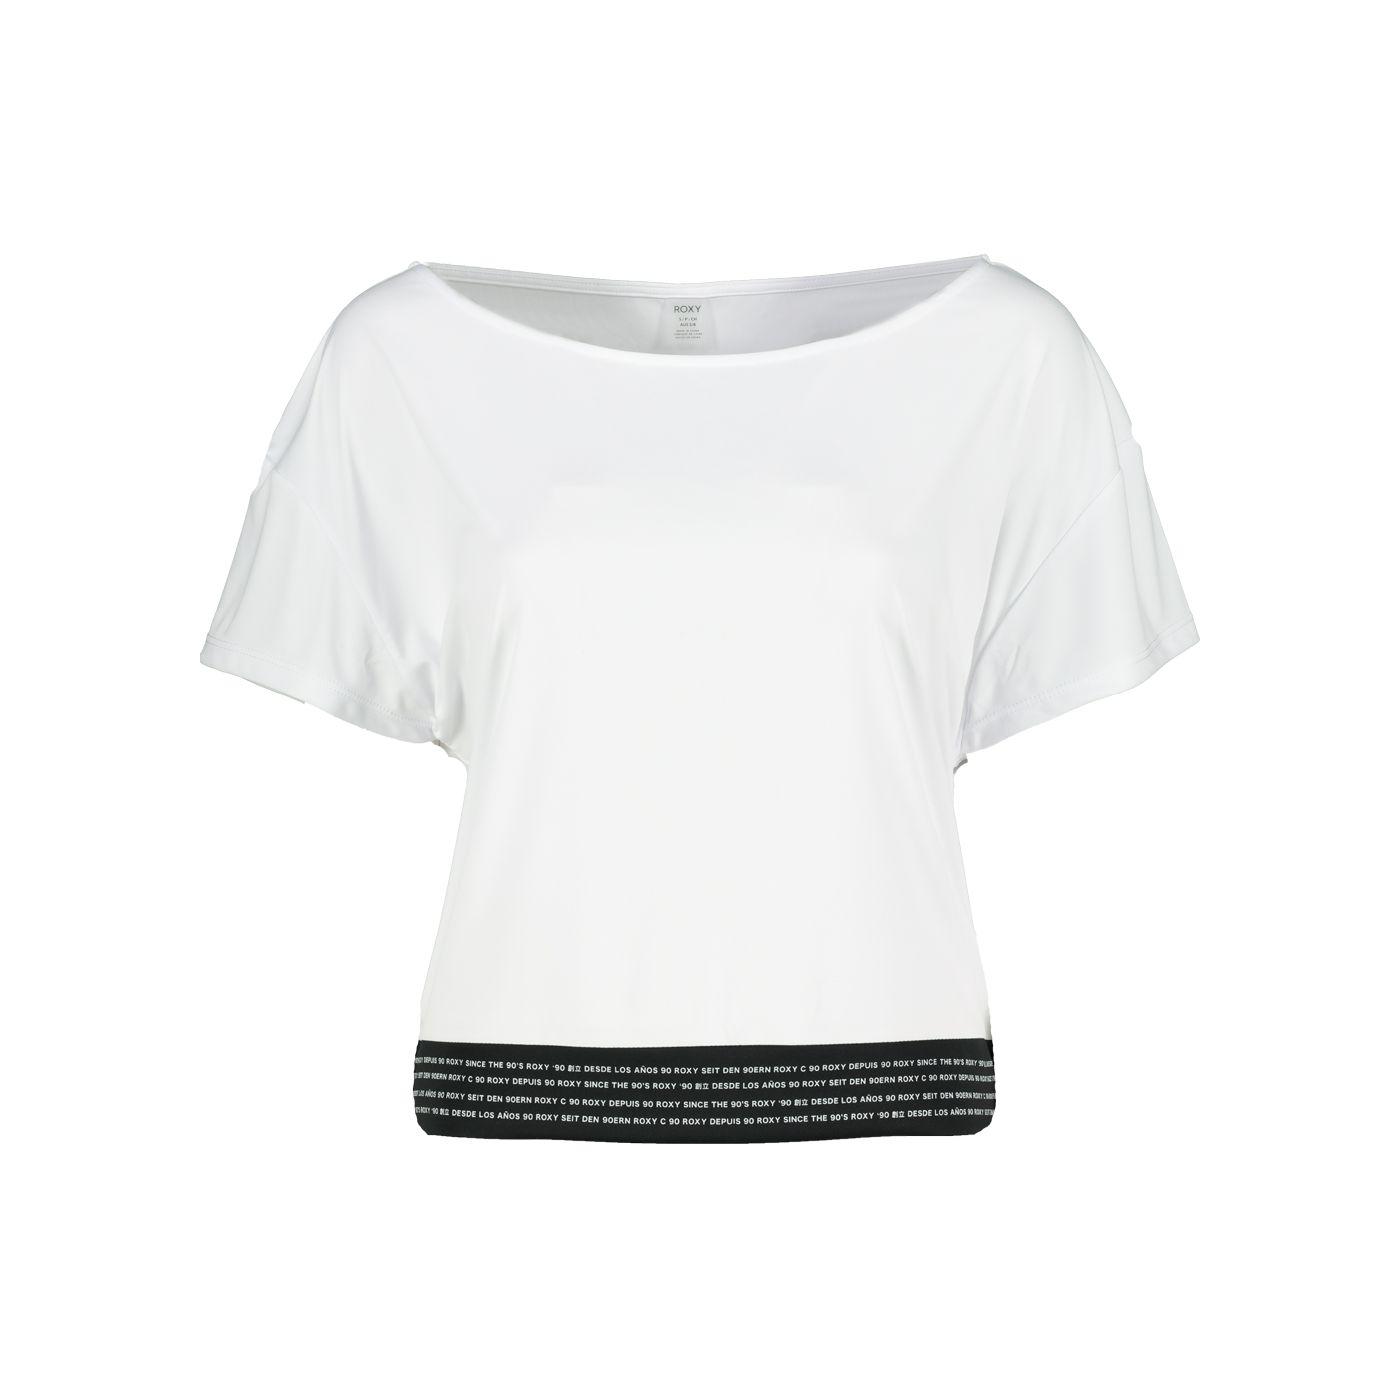 Women's t-shirt ROXY I KNOW YOU